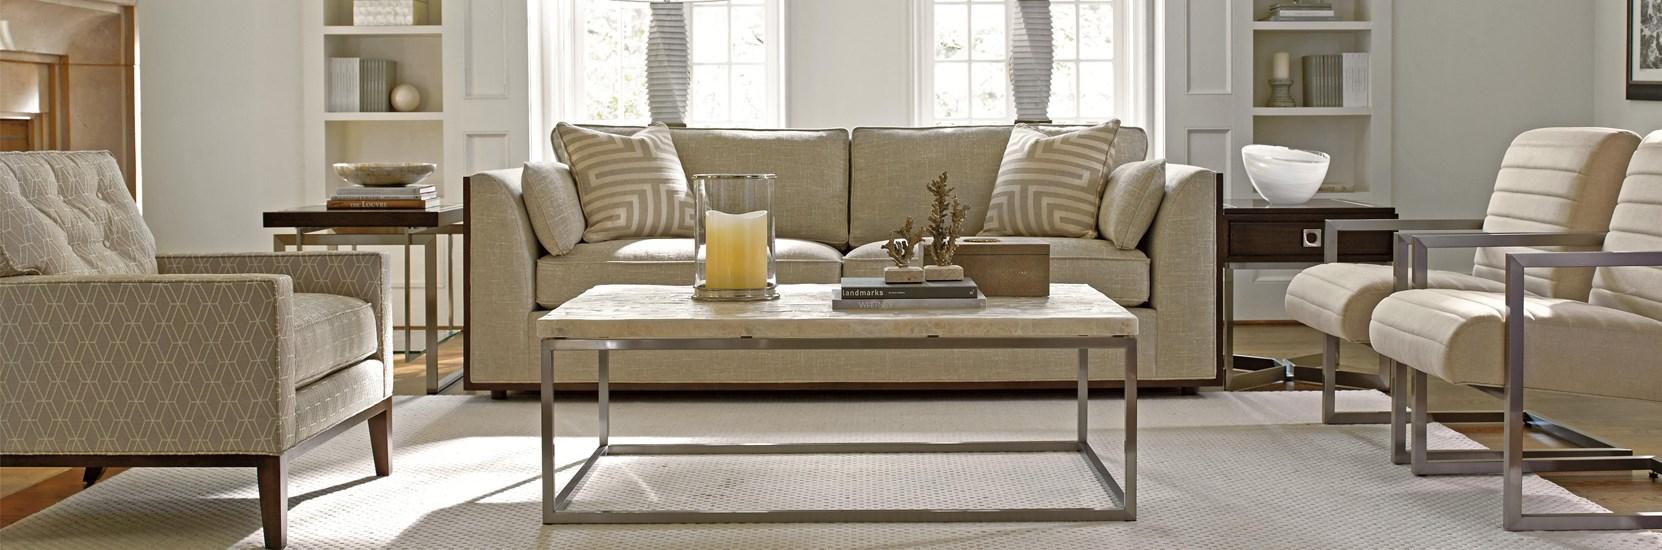 florida's premier living room furniture store - baer's furniture